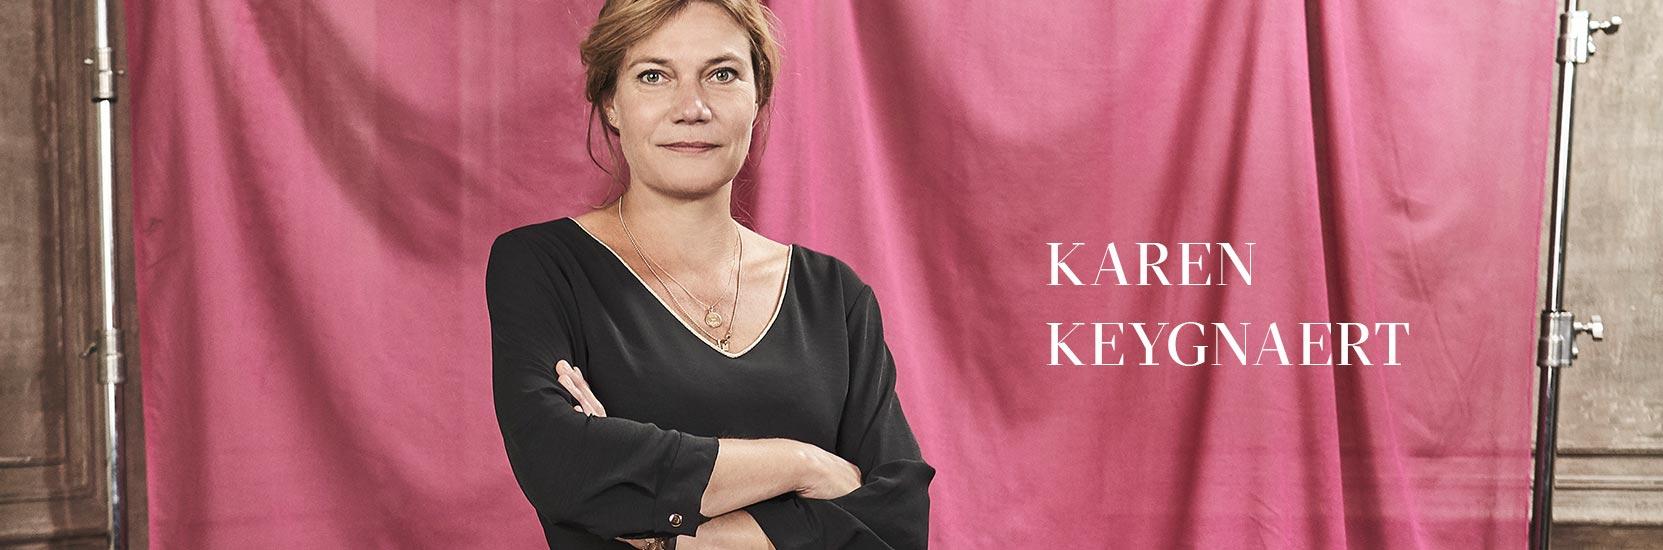 Women of LolaLiza Karen Keygnaert